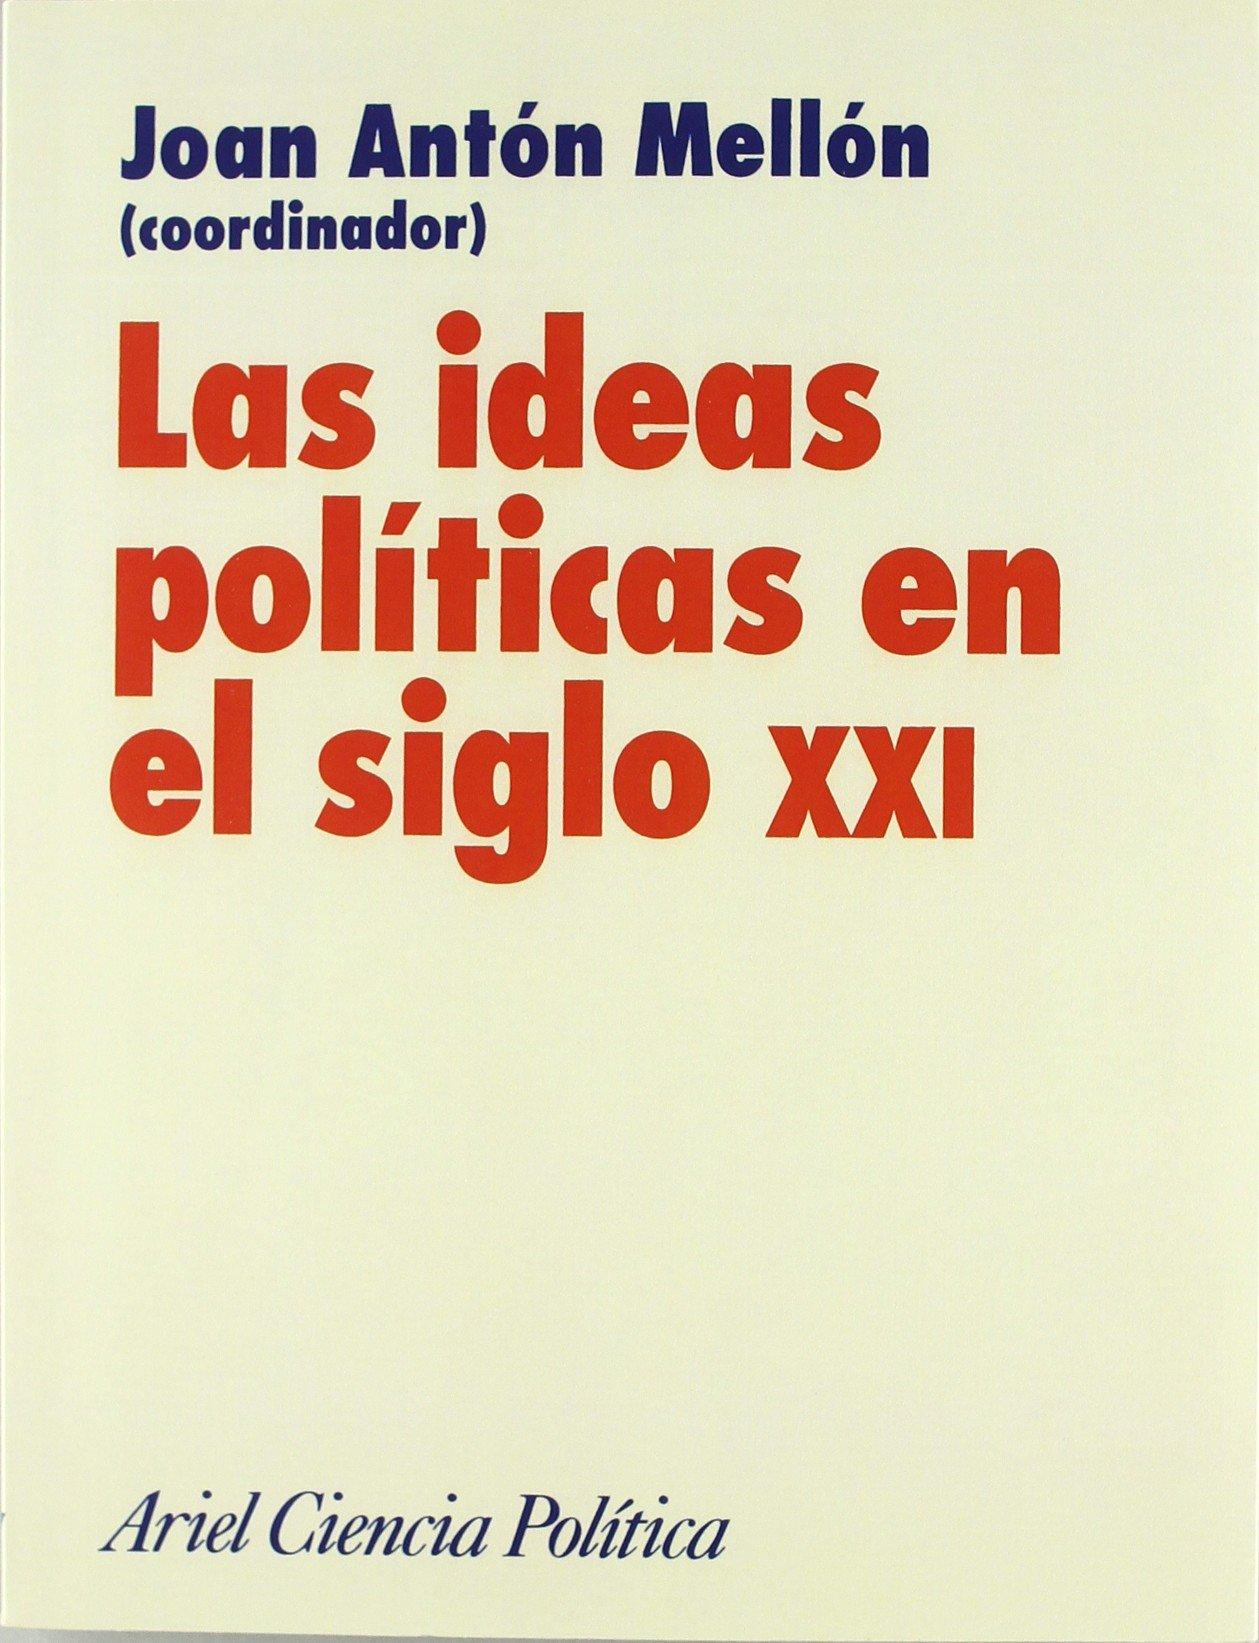 Las ideas políticas en el siglo XXI (Ariel Ciencias Políticas) Tapa blanda – 7 may 2002 Joan Anton Mellon Editorial Ariel 8434418215 CDL_2-3_0037438